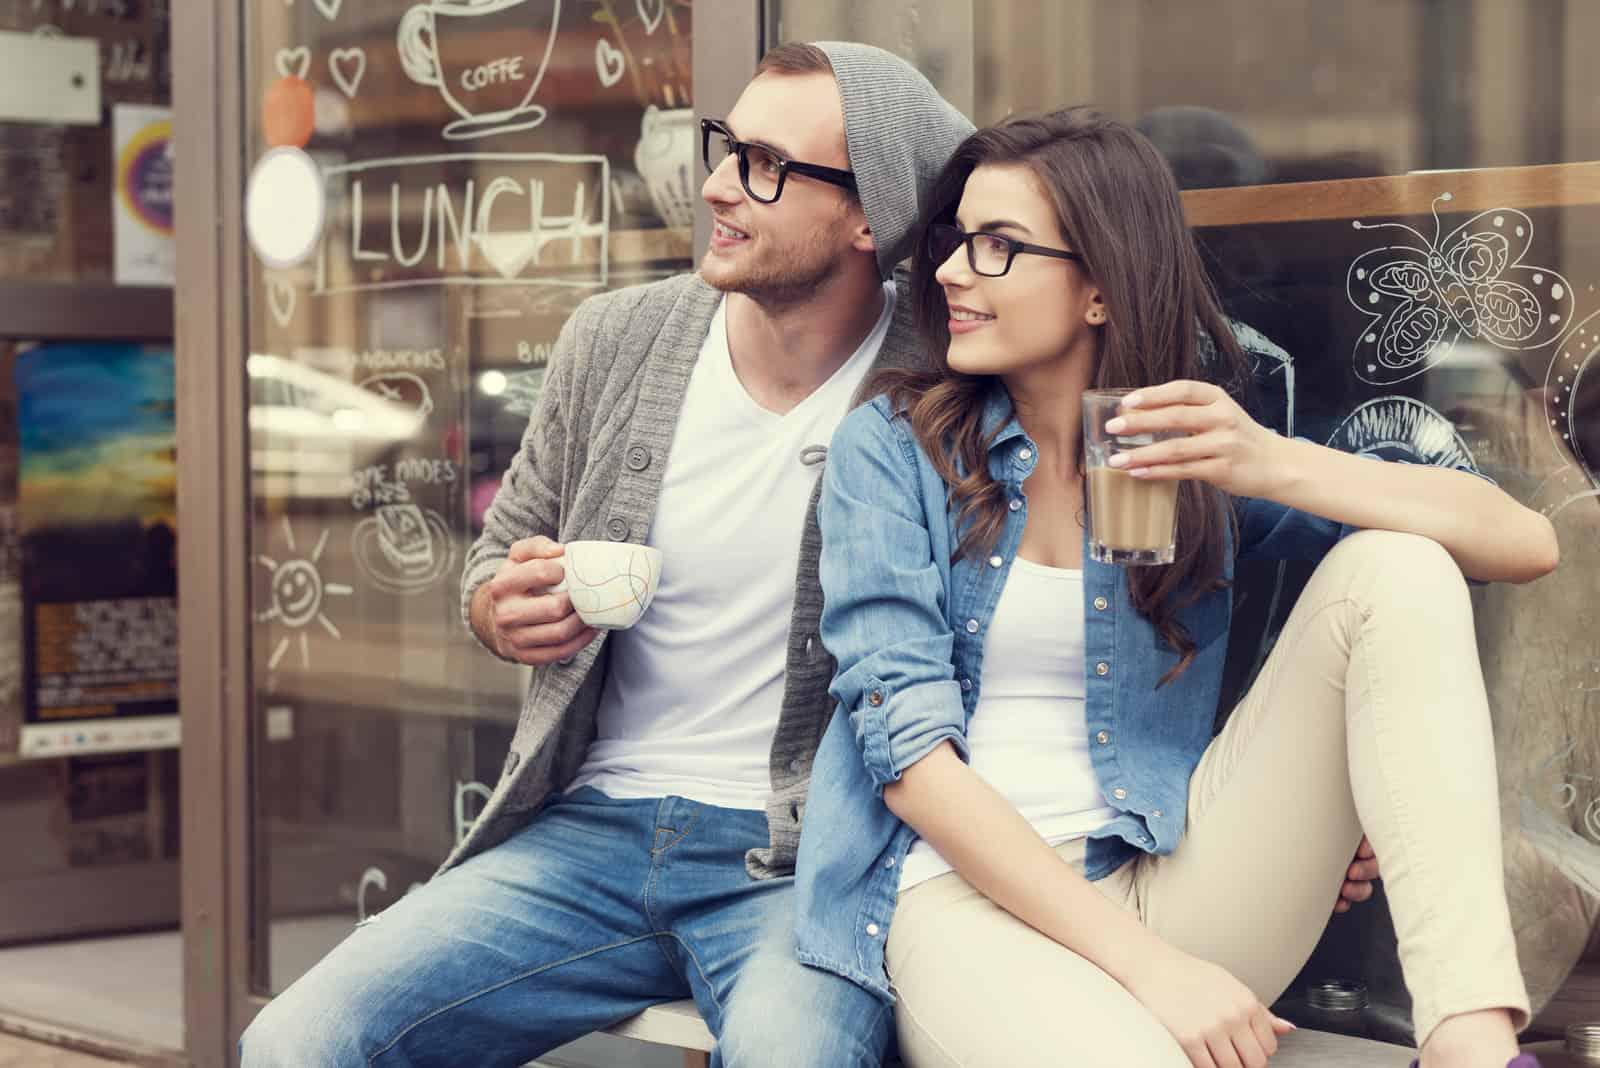 Ein Mann und eine Frau sitzen beim Kaffeetrinken und schauen in die Ferne